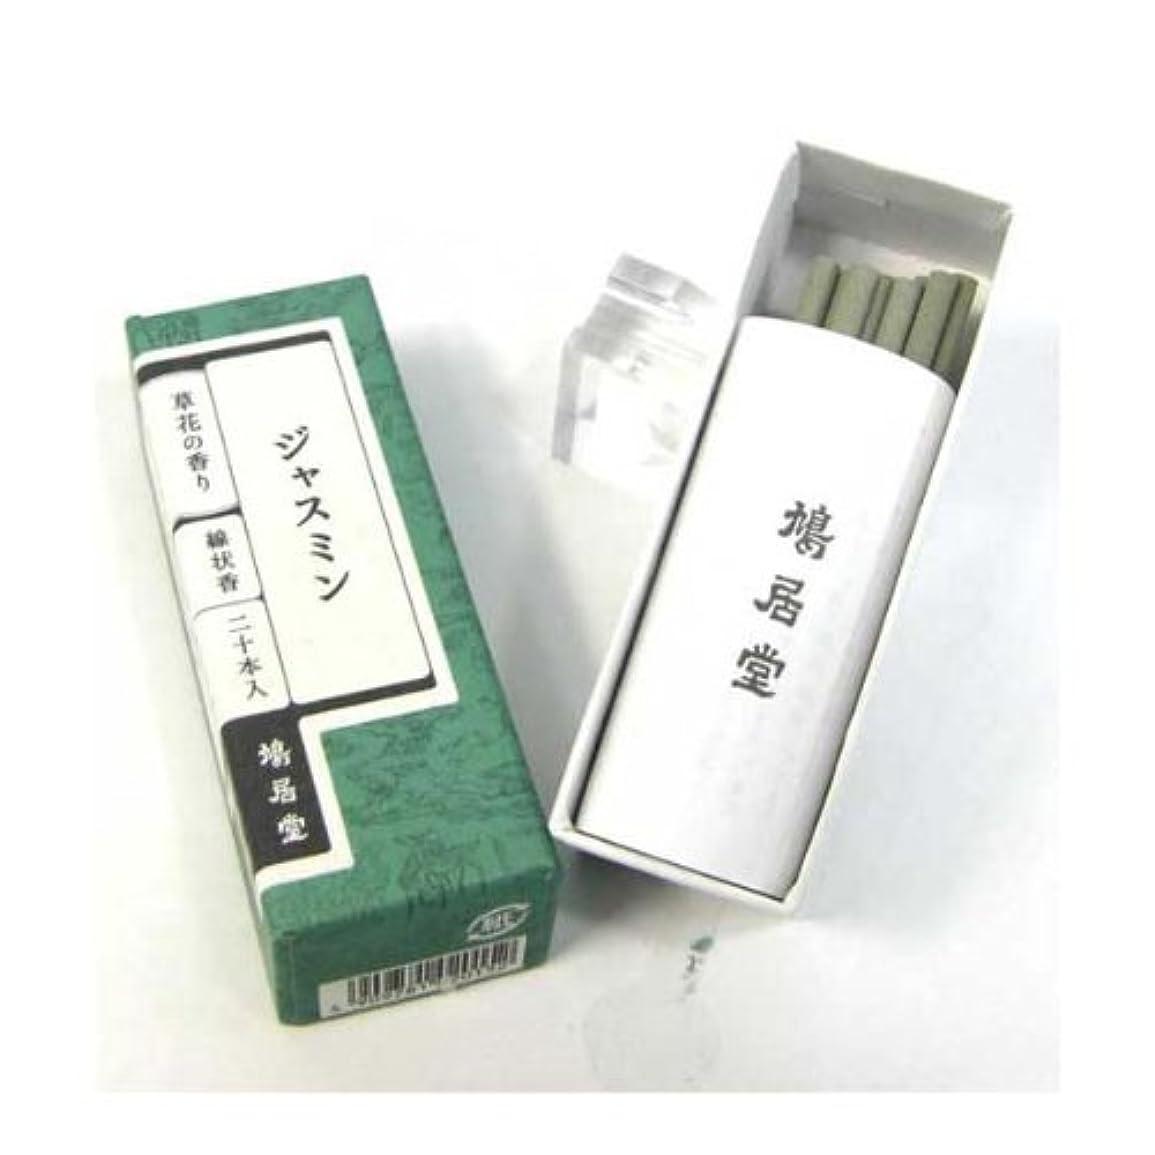 予防接種海外自己鳩居堂 お香 ジャスミン 草花の香りシリーズ スティックタイプ(棒状香)20本いり